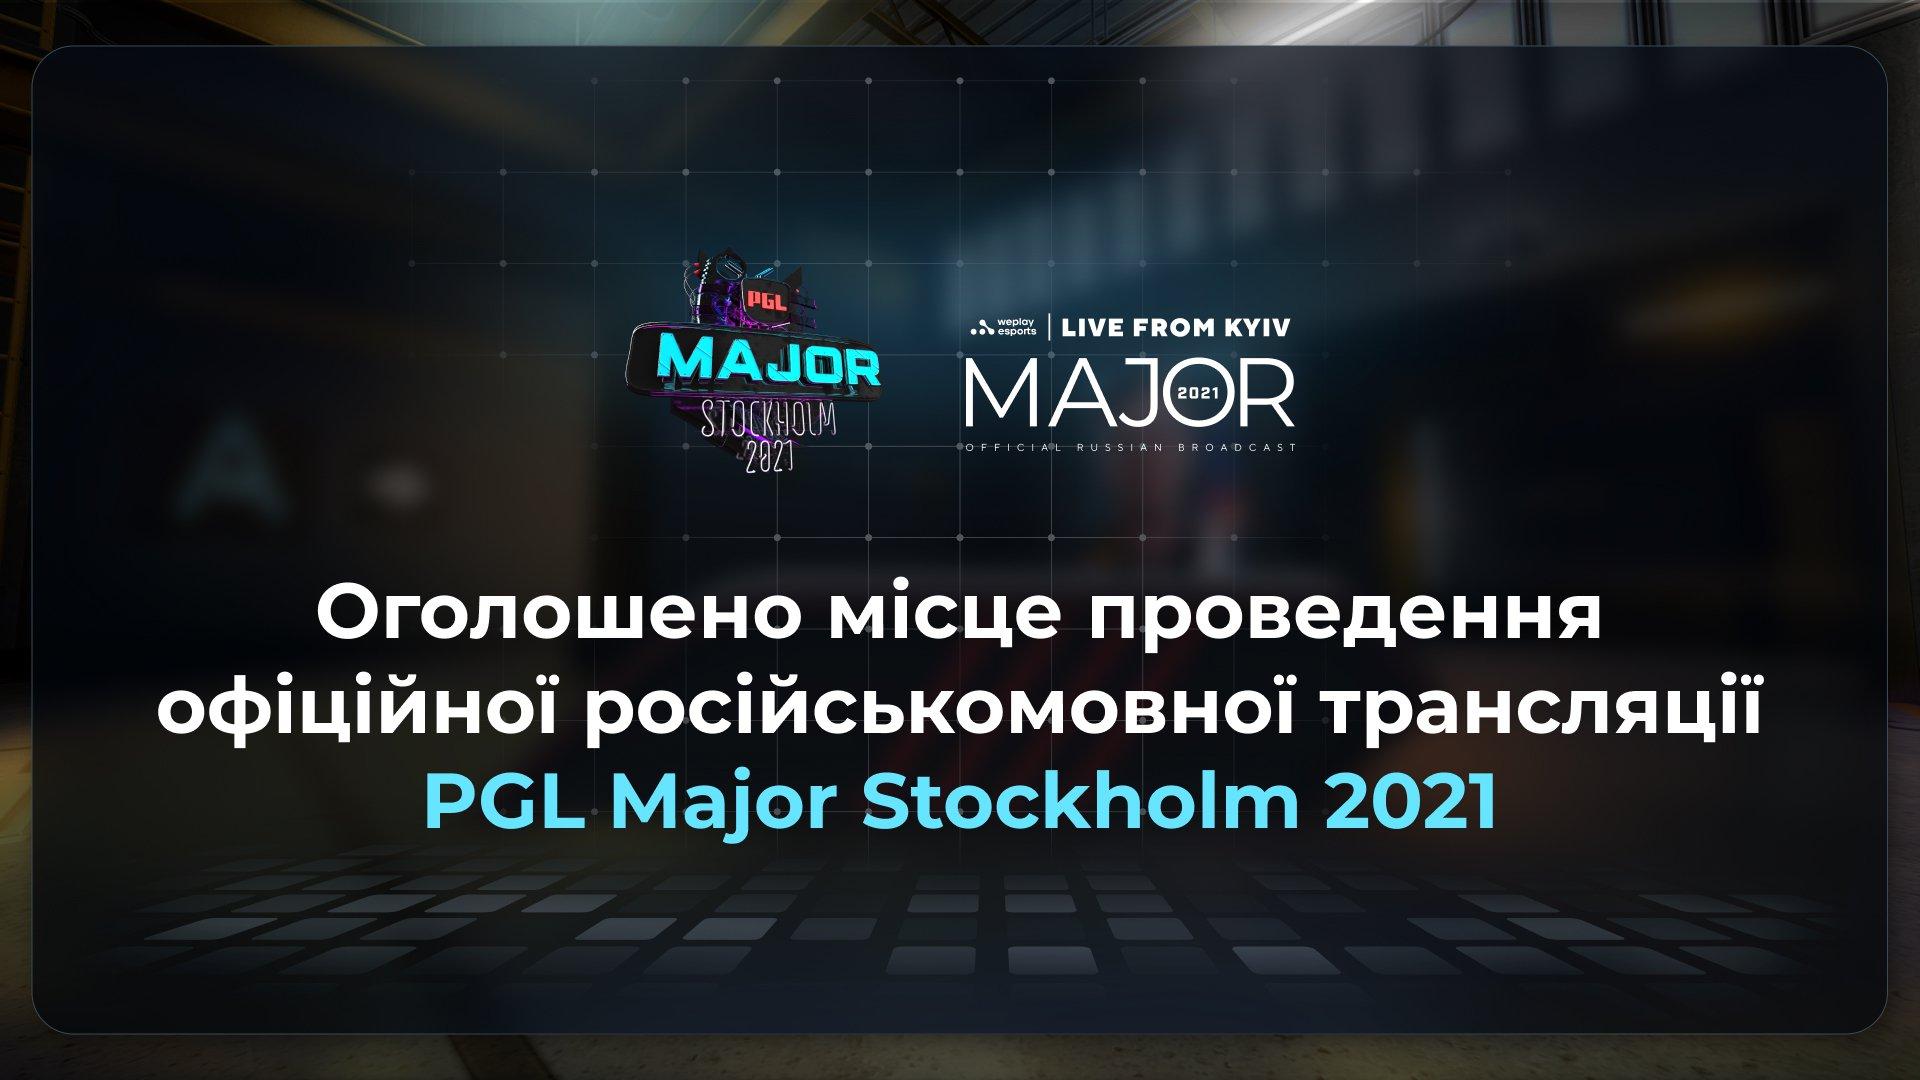 Оголошено місце проведення офіційної російськомовної трансляції PGL Major Stockholm 2021. Зображення: WePlay Holding